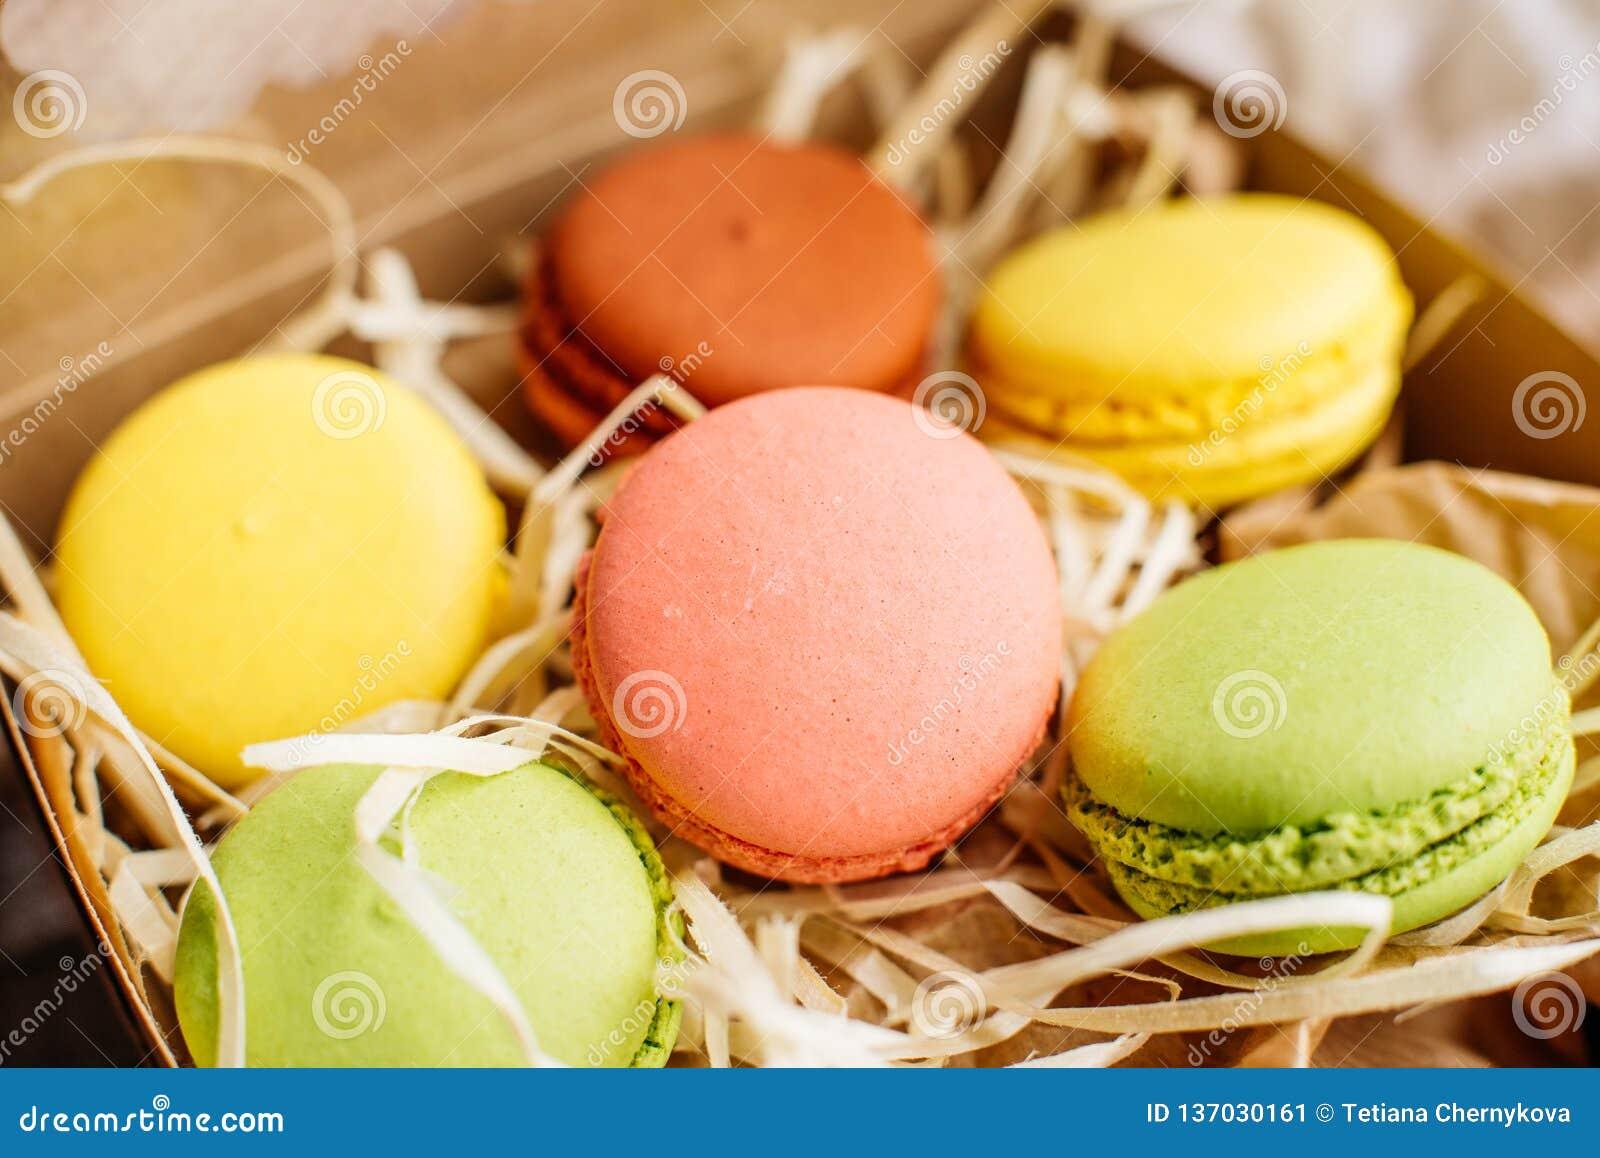 Hochzeit, St.-Valentinstag, Geburtstag, Vorbereitung, Feiertag Schöne rosa geschmackvolle macarons